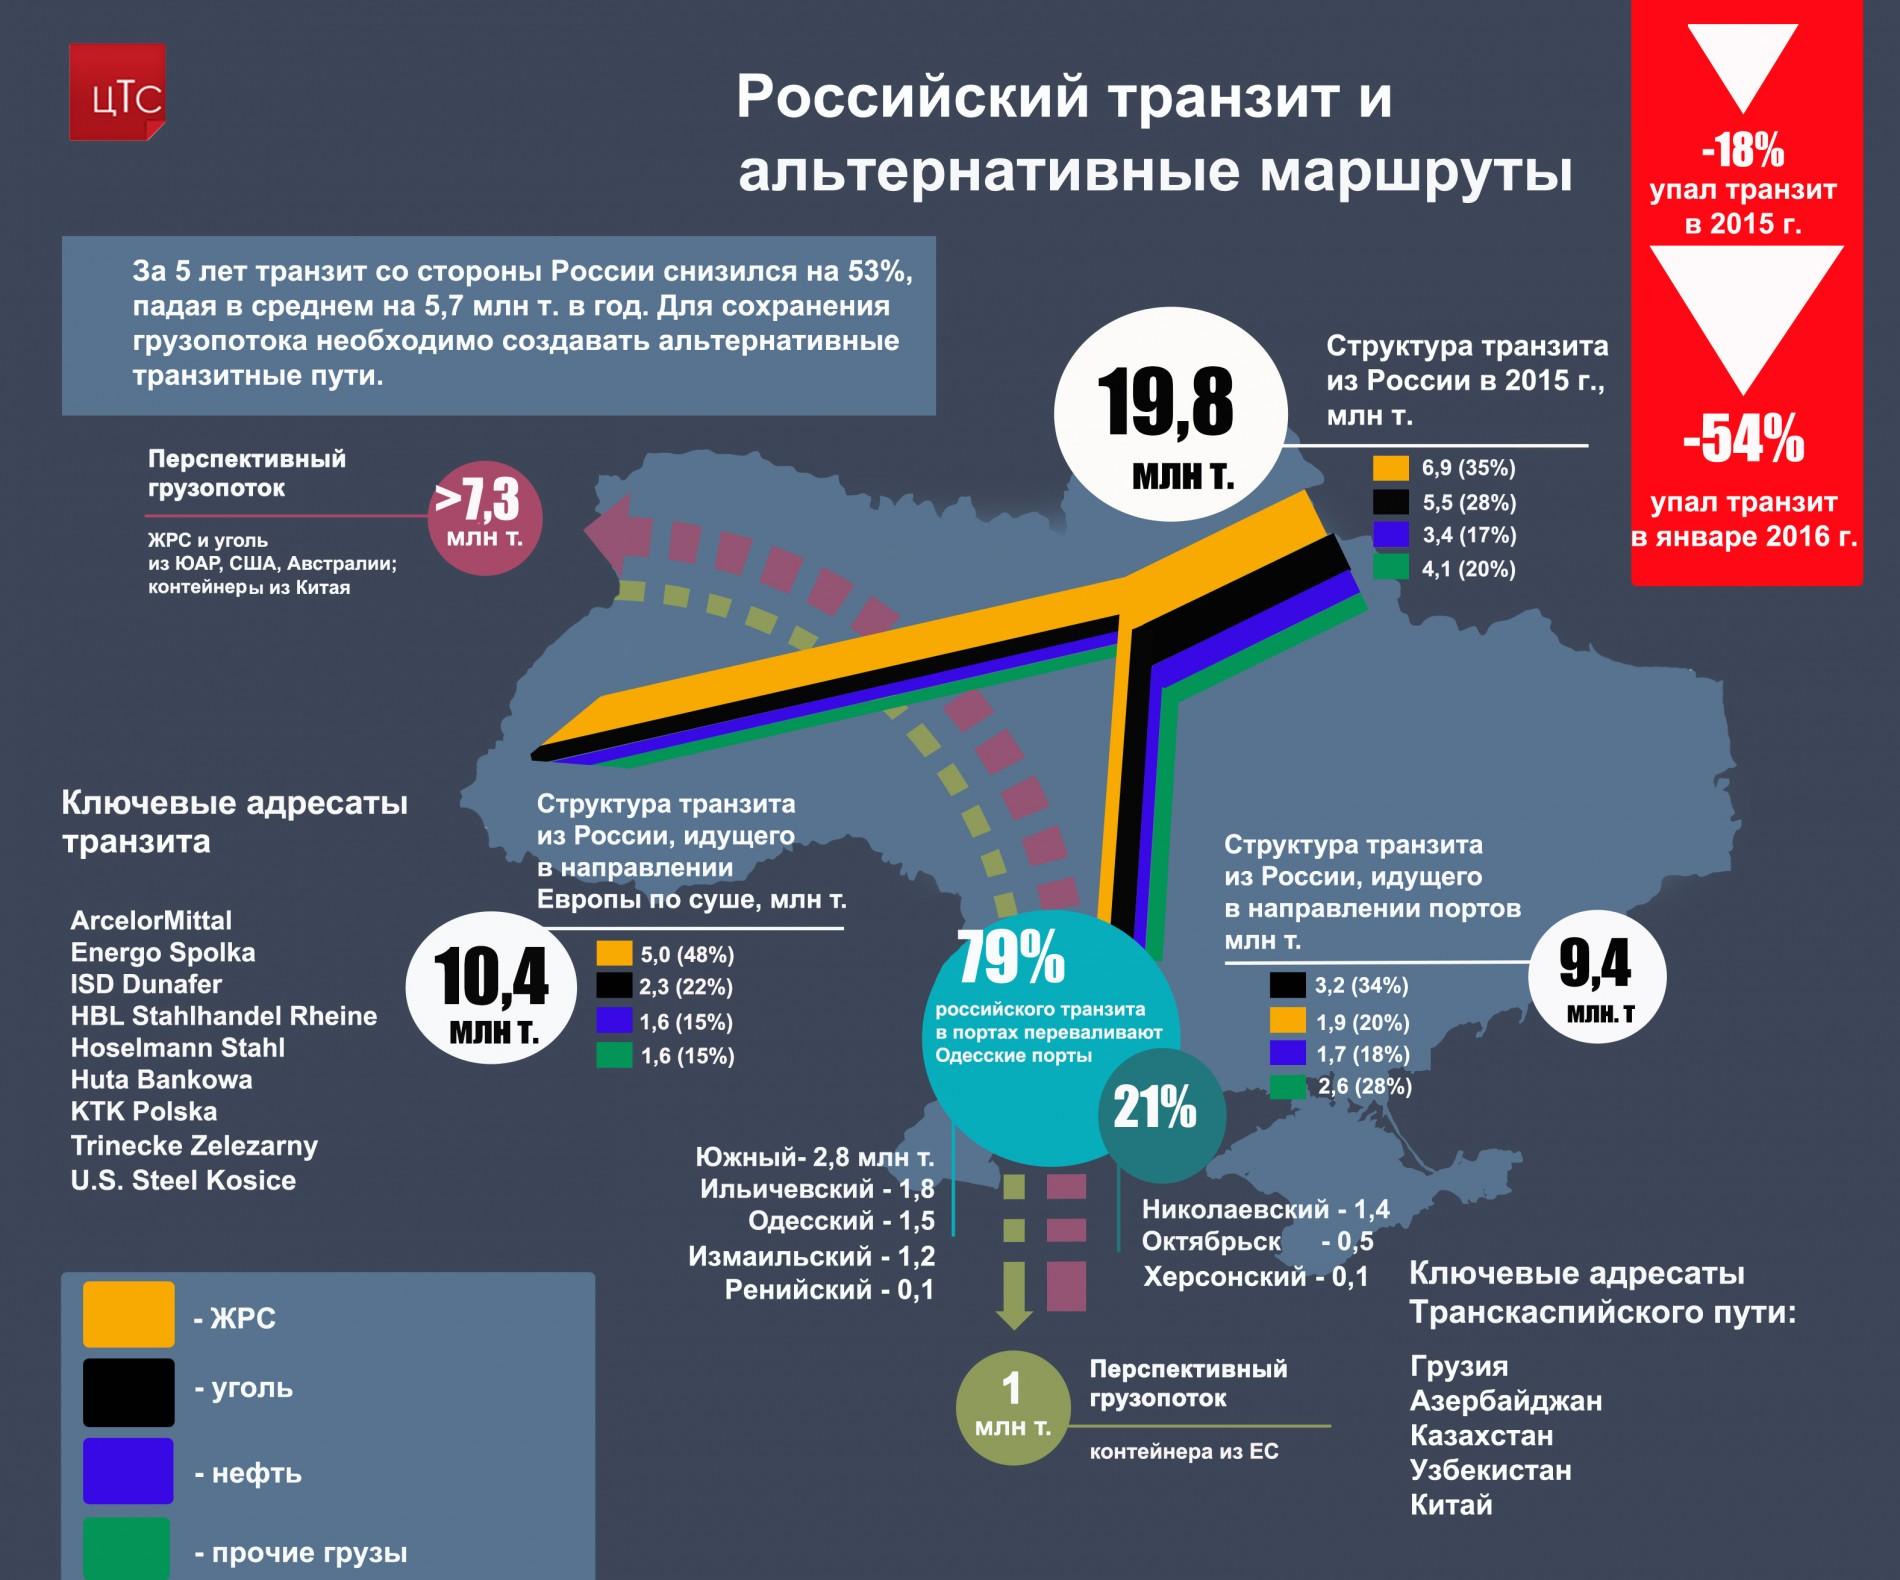 Российский транзит и альтернативные маршруты